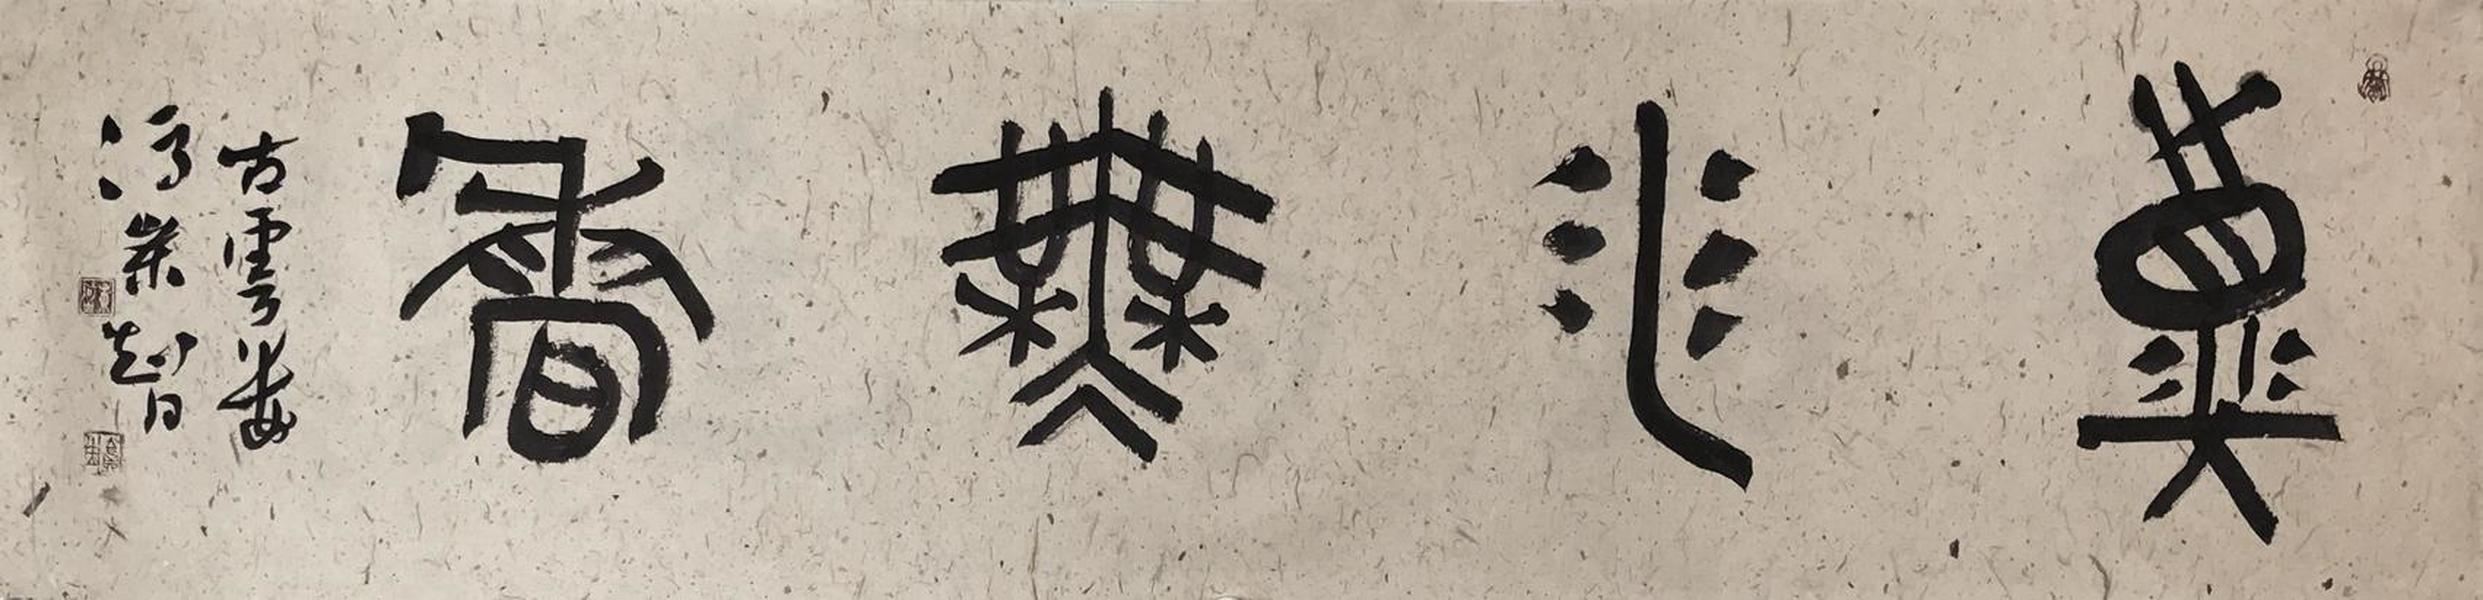 【保真】中国书协会员/兰亭奖艺术家、河南省书画院特聘书法家、信阳市书协副主席、商城县书协执行主席兼秘书长 冯岽智书法四尺对开作品11《真水无香》(34cm×138cm)